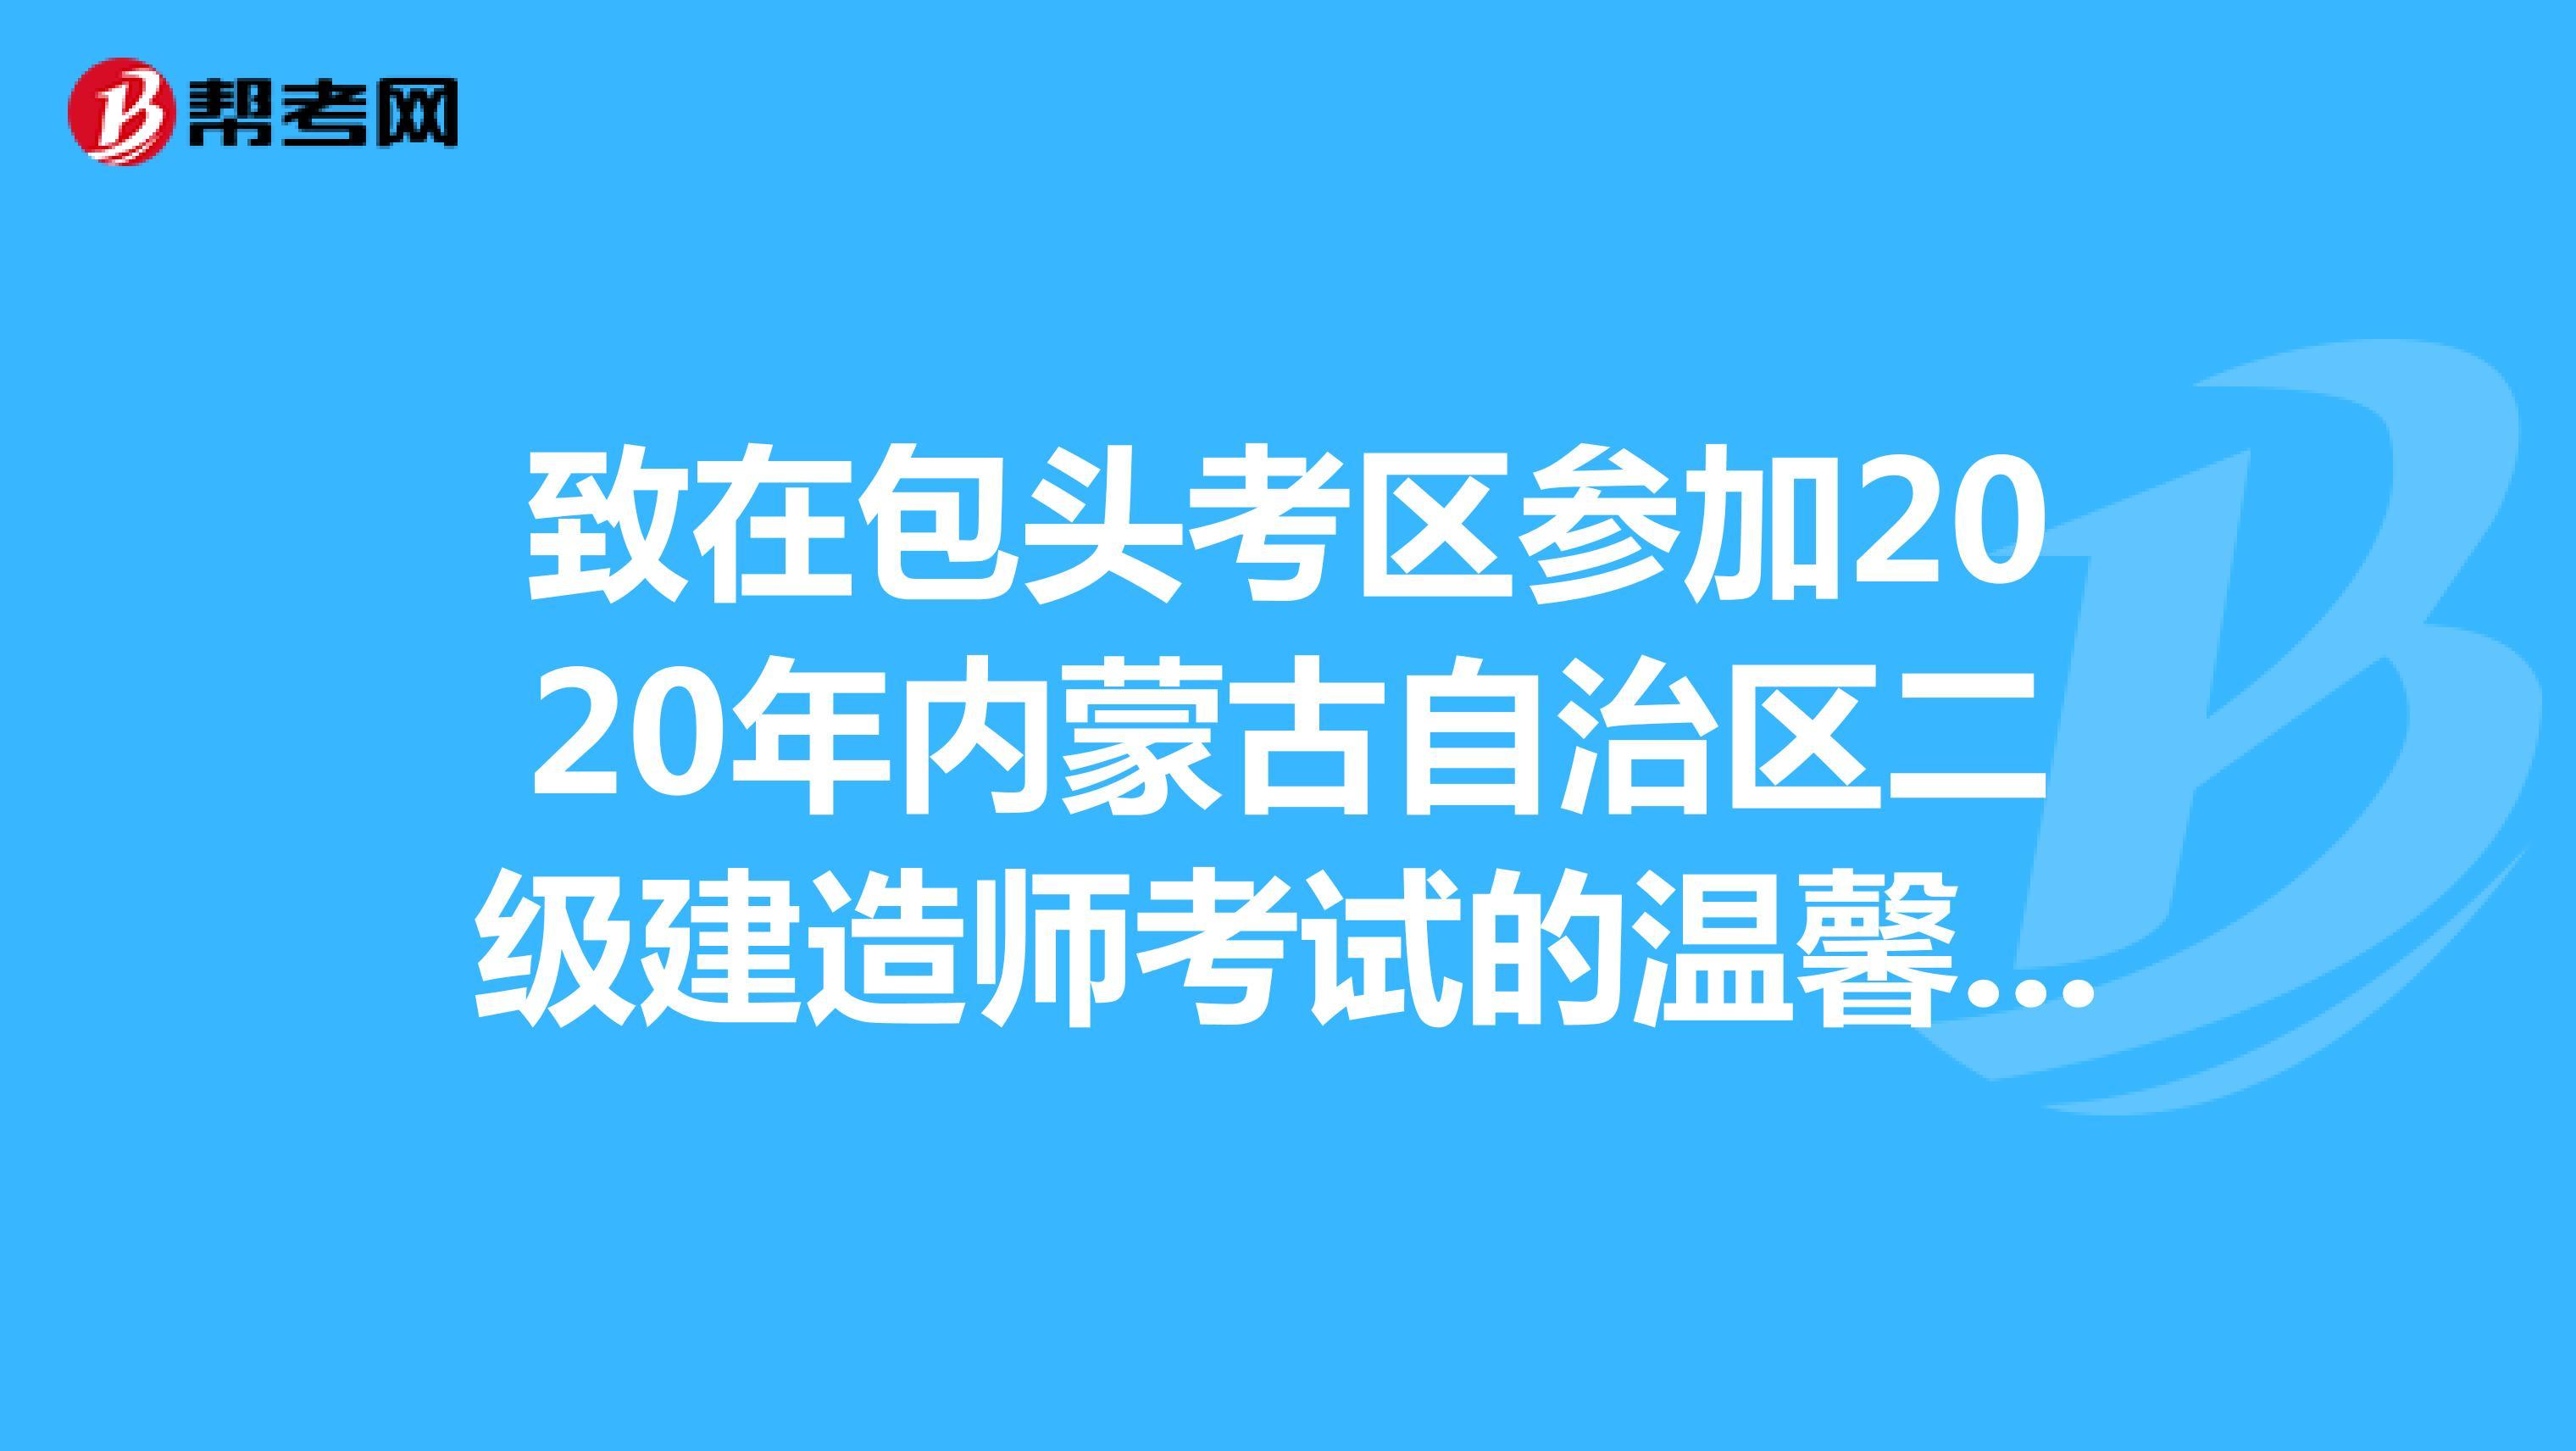 致在包頭考區參加2020年內蒙古自治區二級建造師考試的溫馨提示